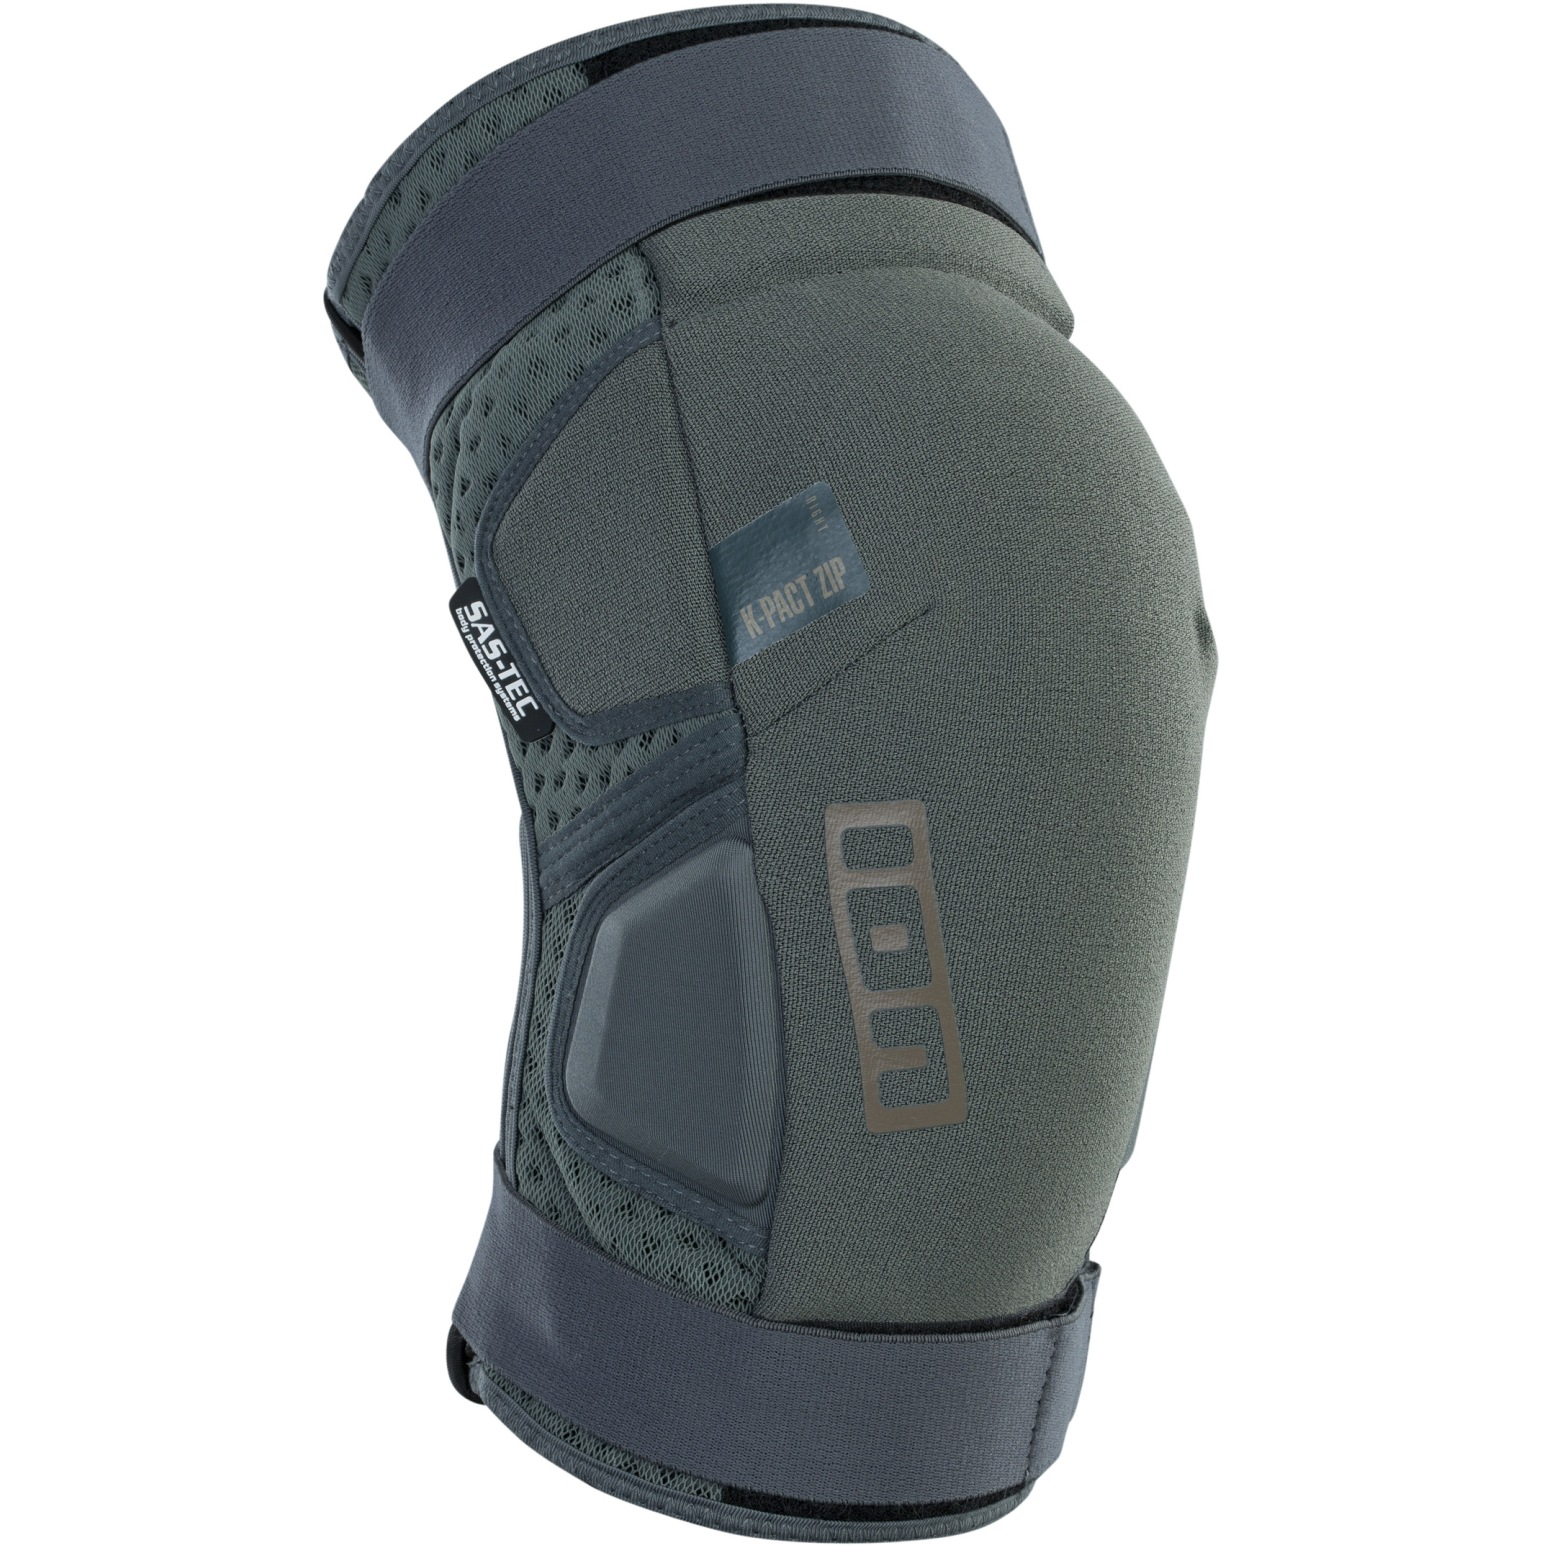 Produktbild von ION Bike Protection K-Pact Zip Knieschoner - Thunder Grey